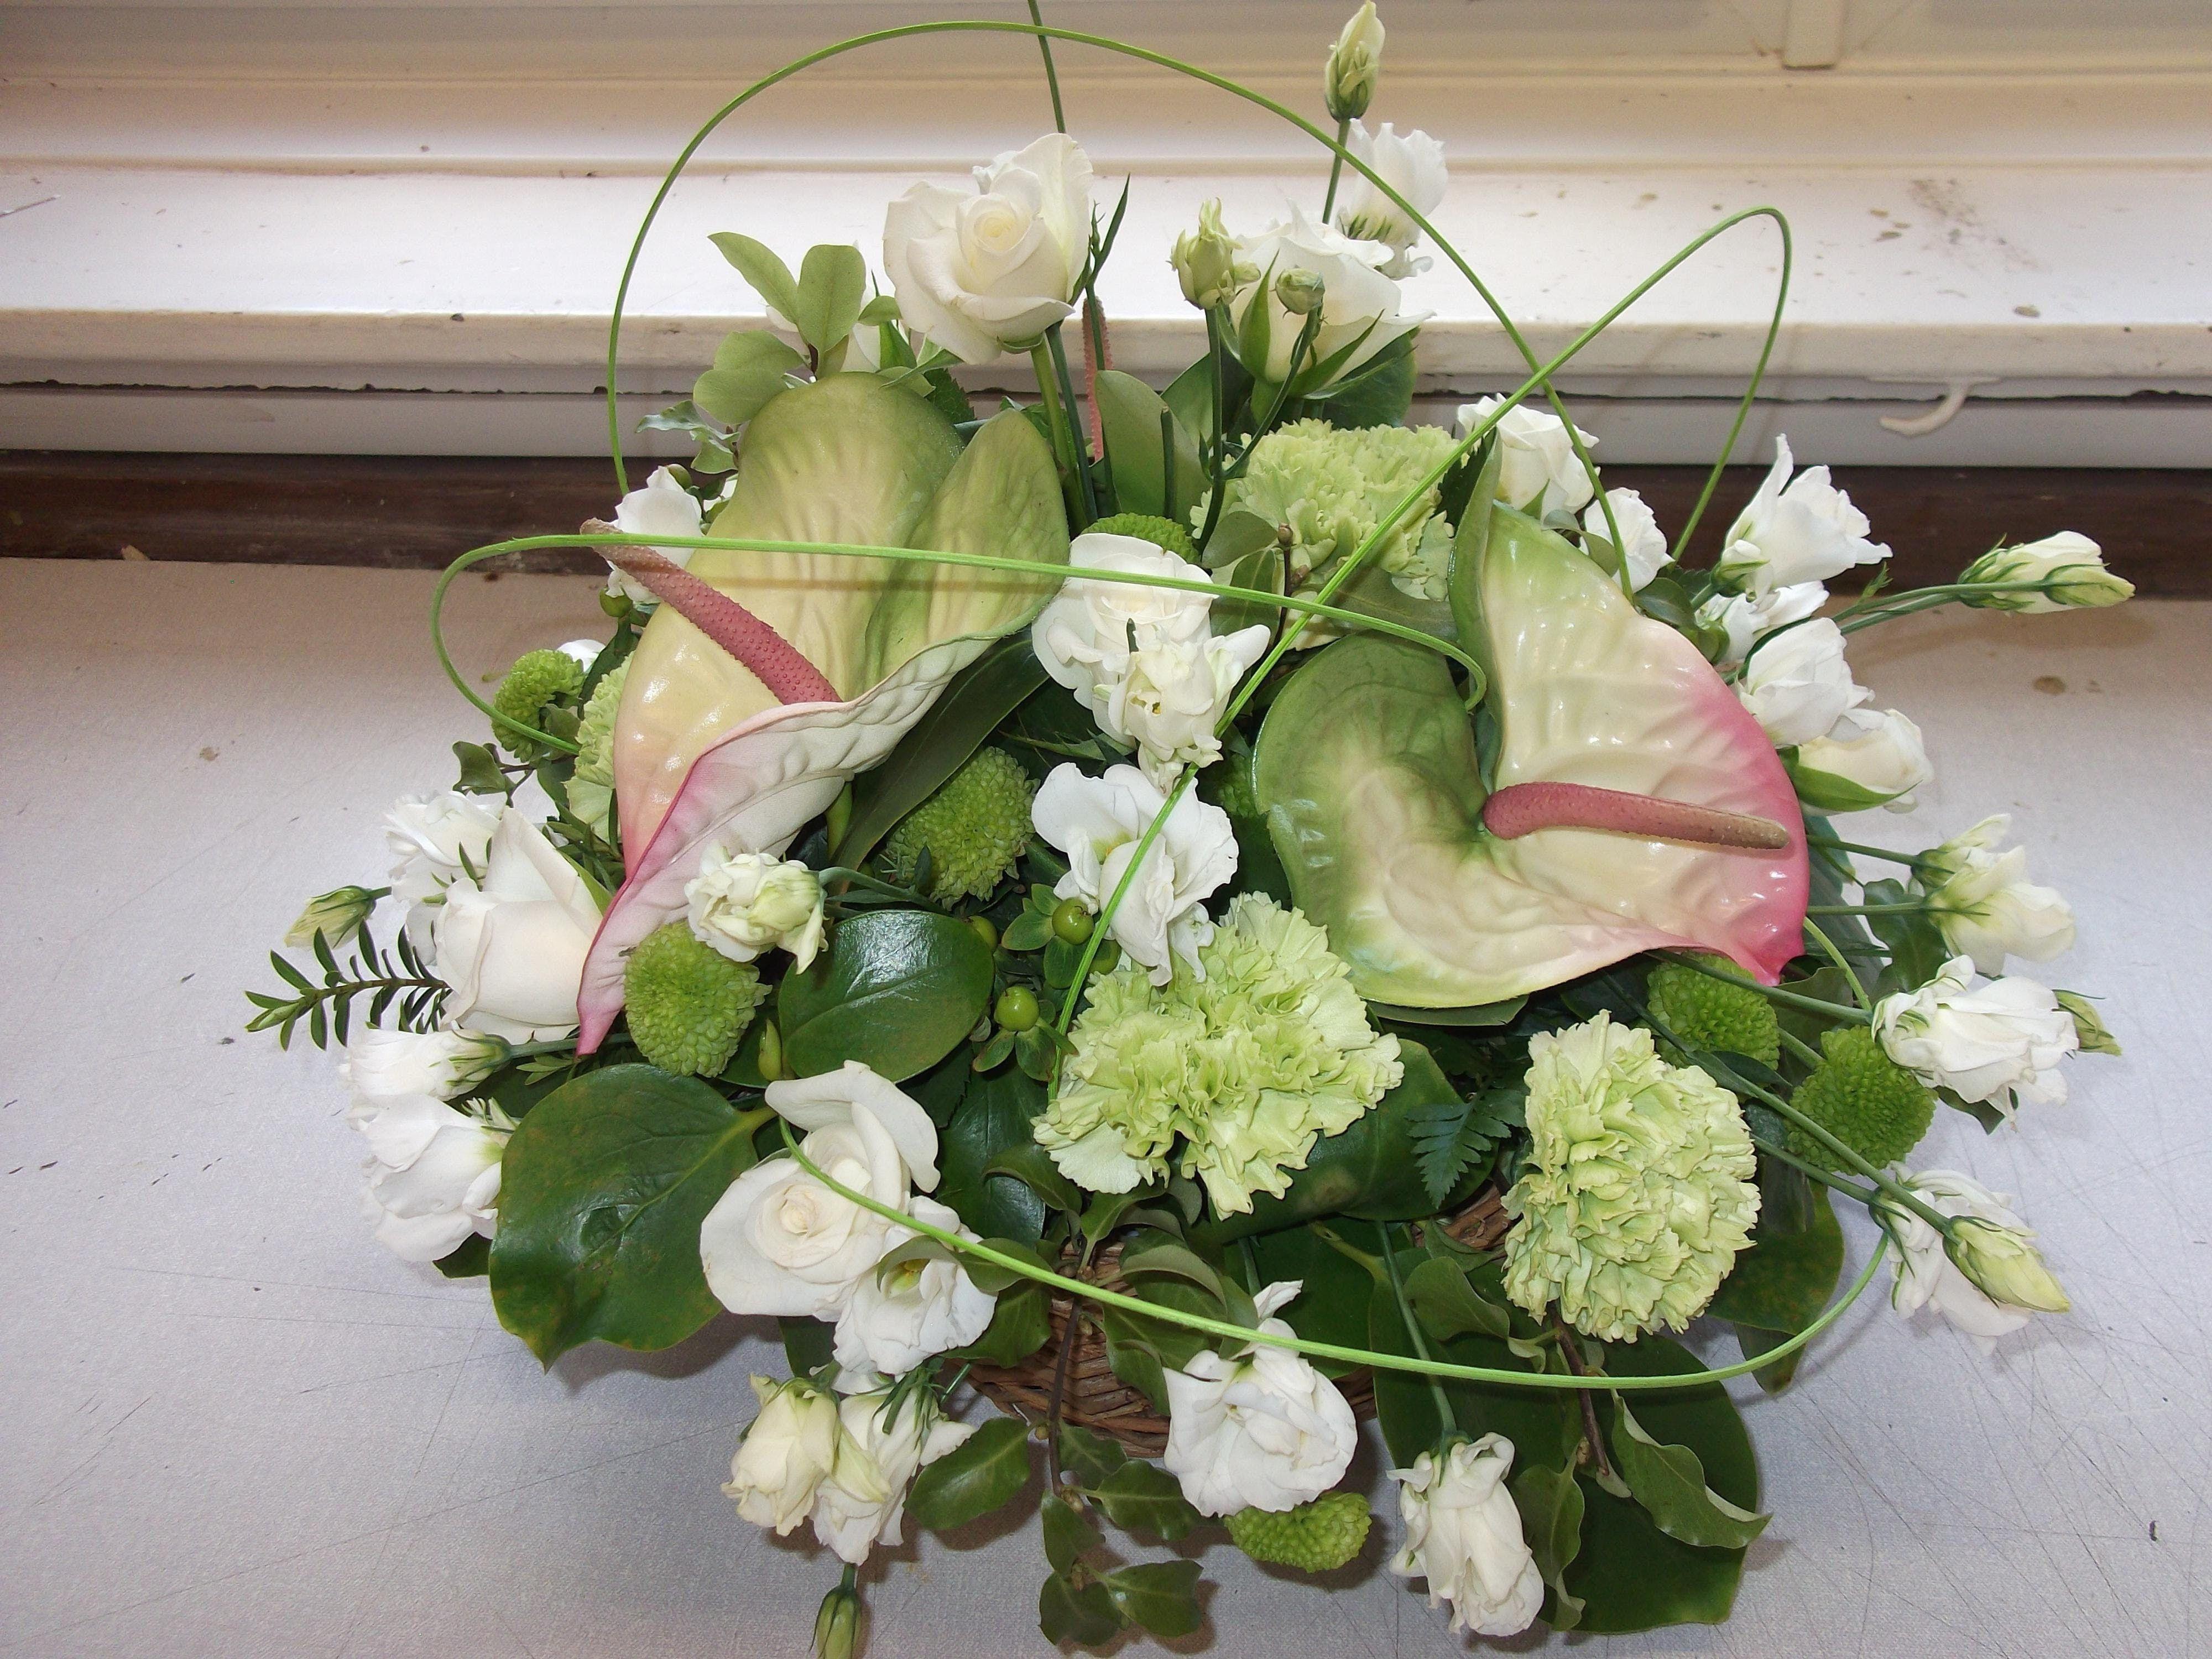 capodimonte flower vase of 41 flower vase decoration the weekly world with regard to 17 elegant ribbon roses box vase decoration green lovely orange